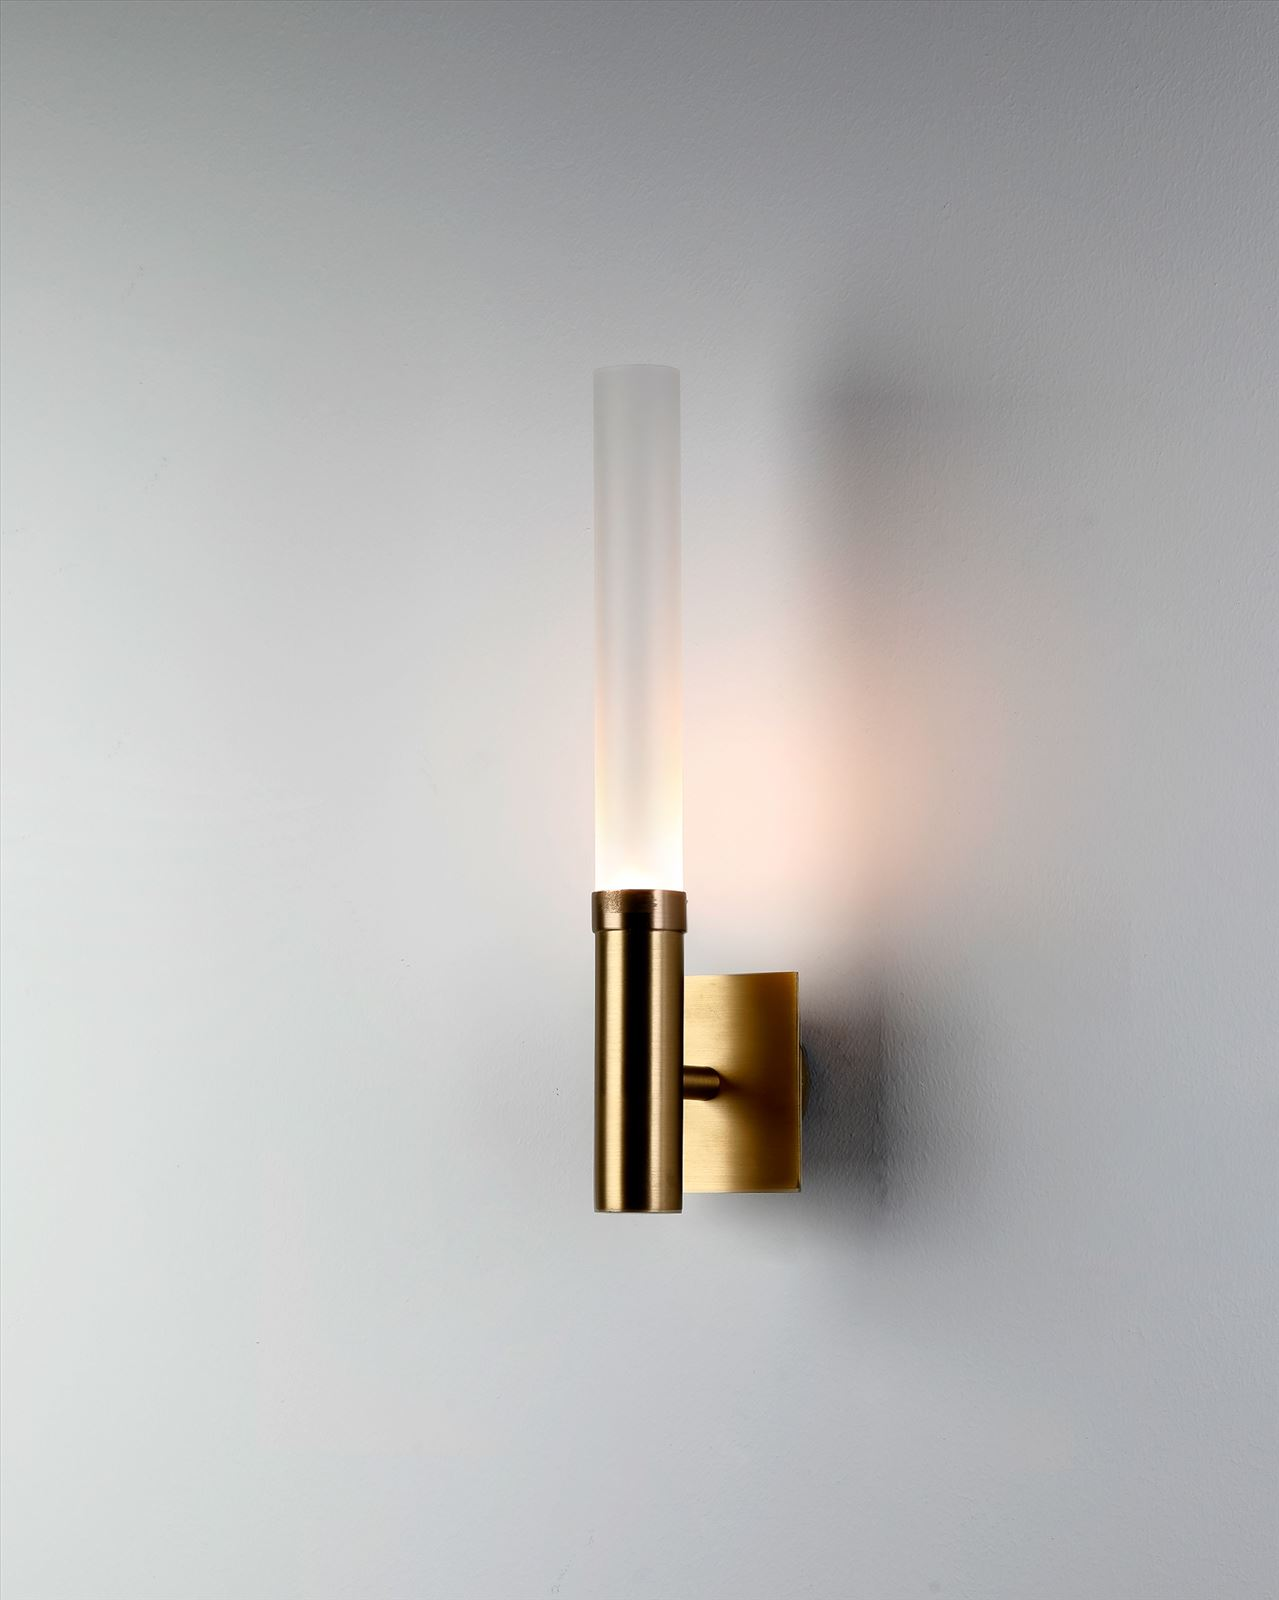 דקורטיבי - LIGHTSABER